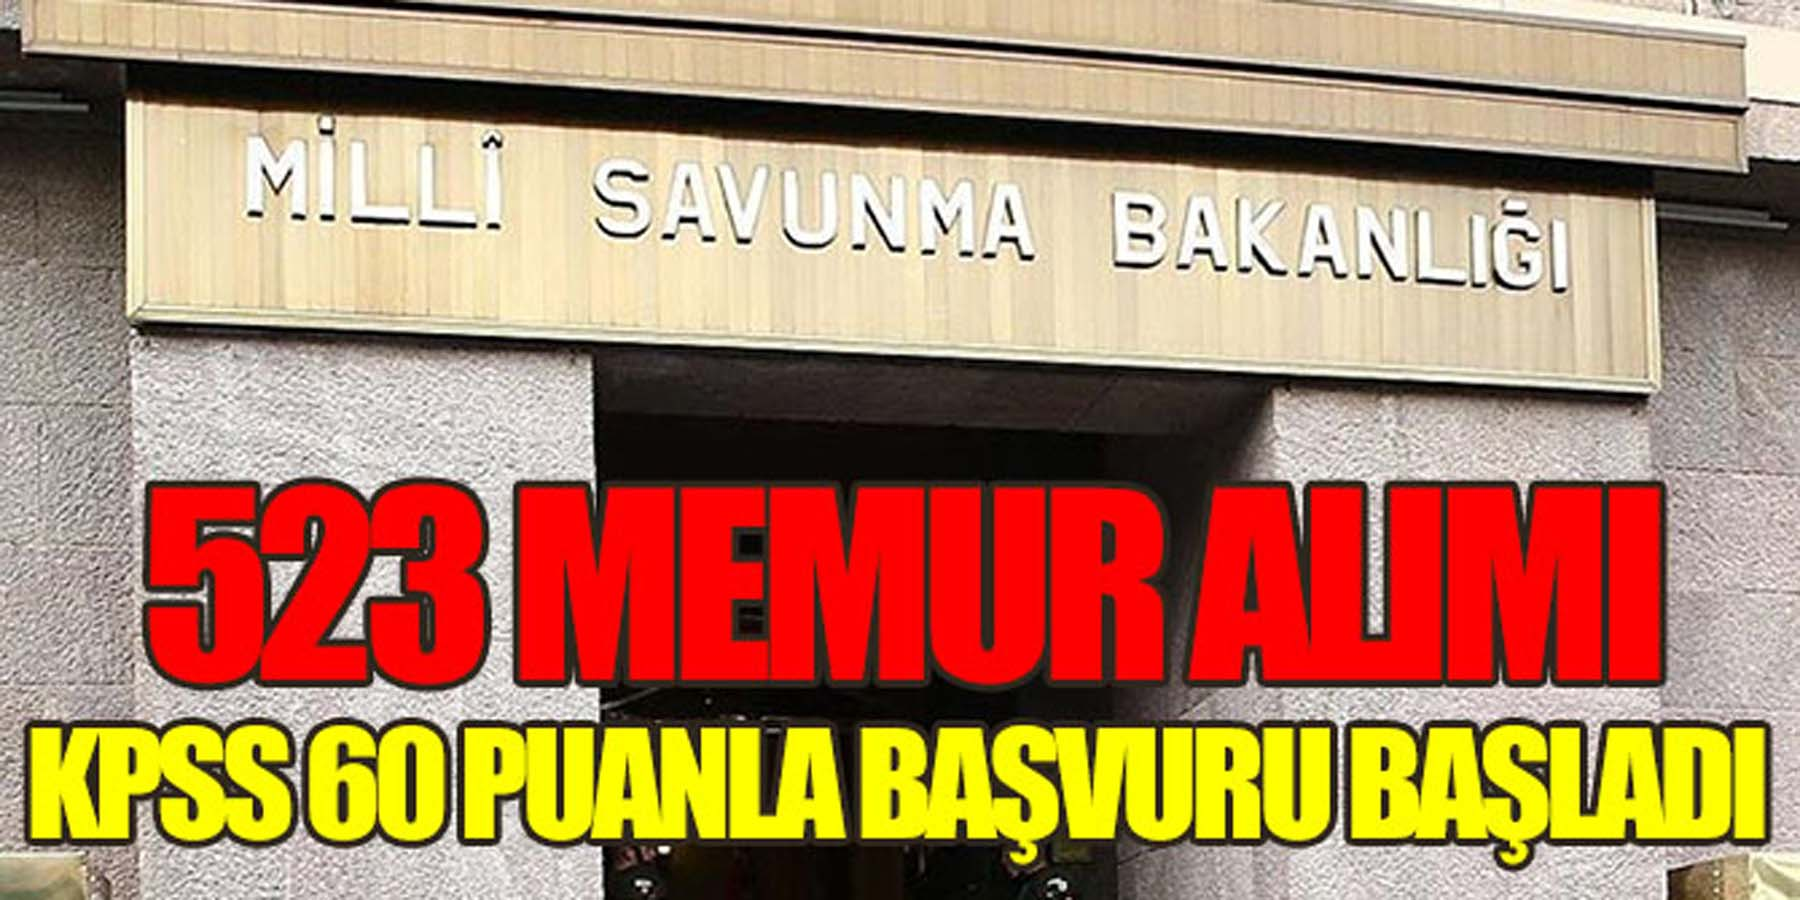 MSB KPSS 60 Puanla 523 Memur Alımı Başvurusu Başladı